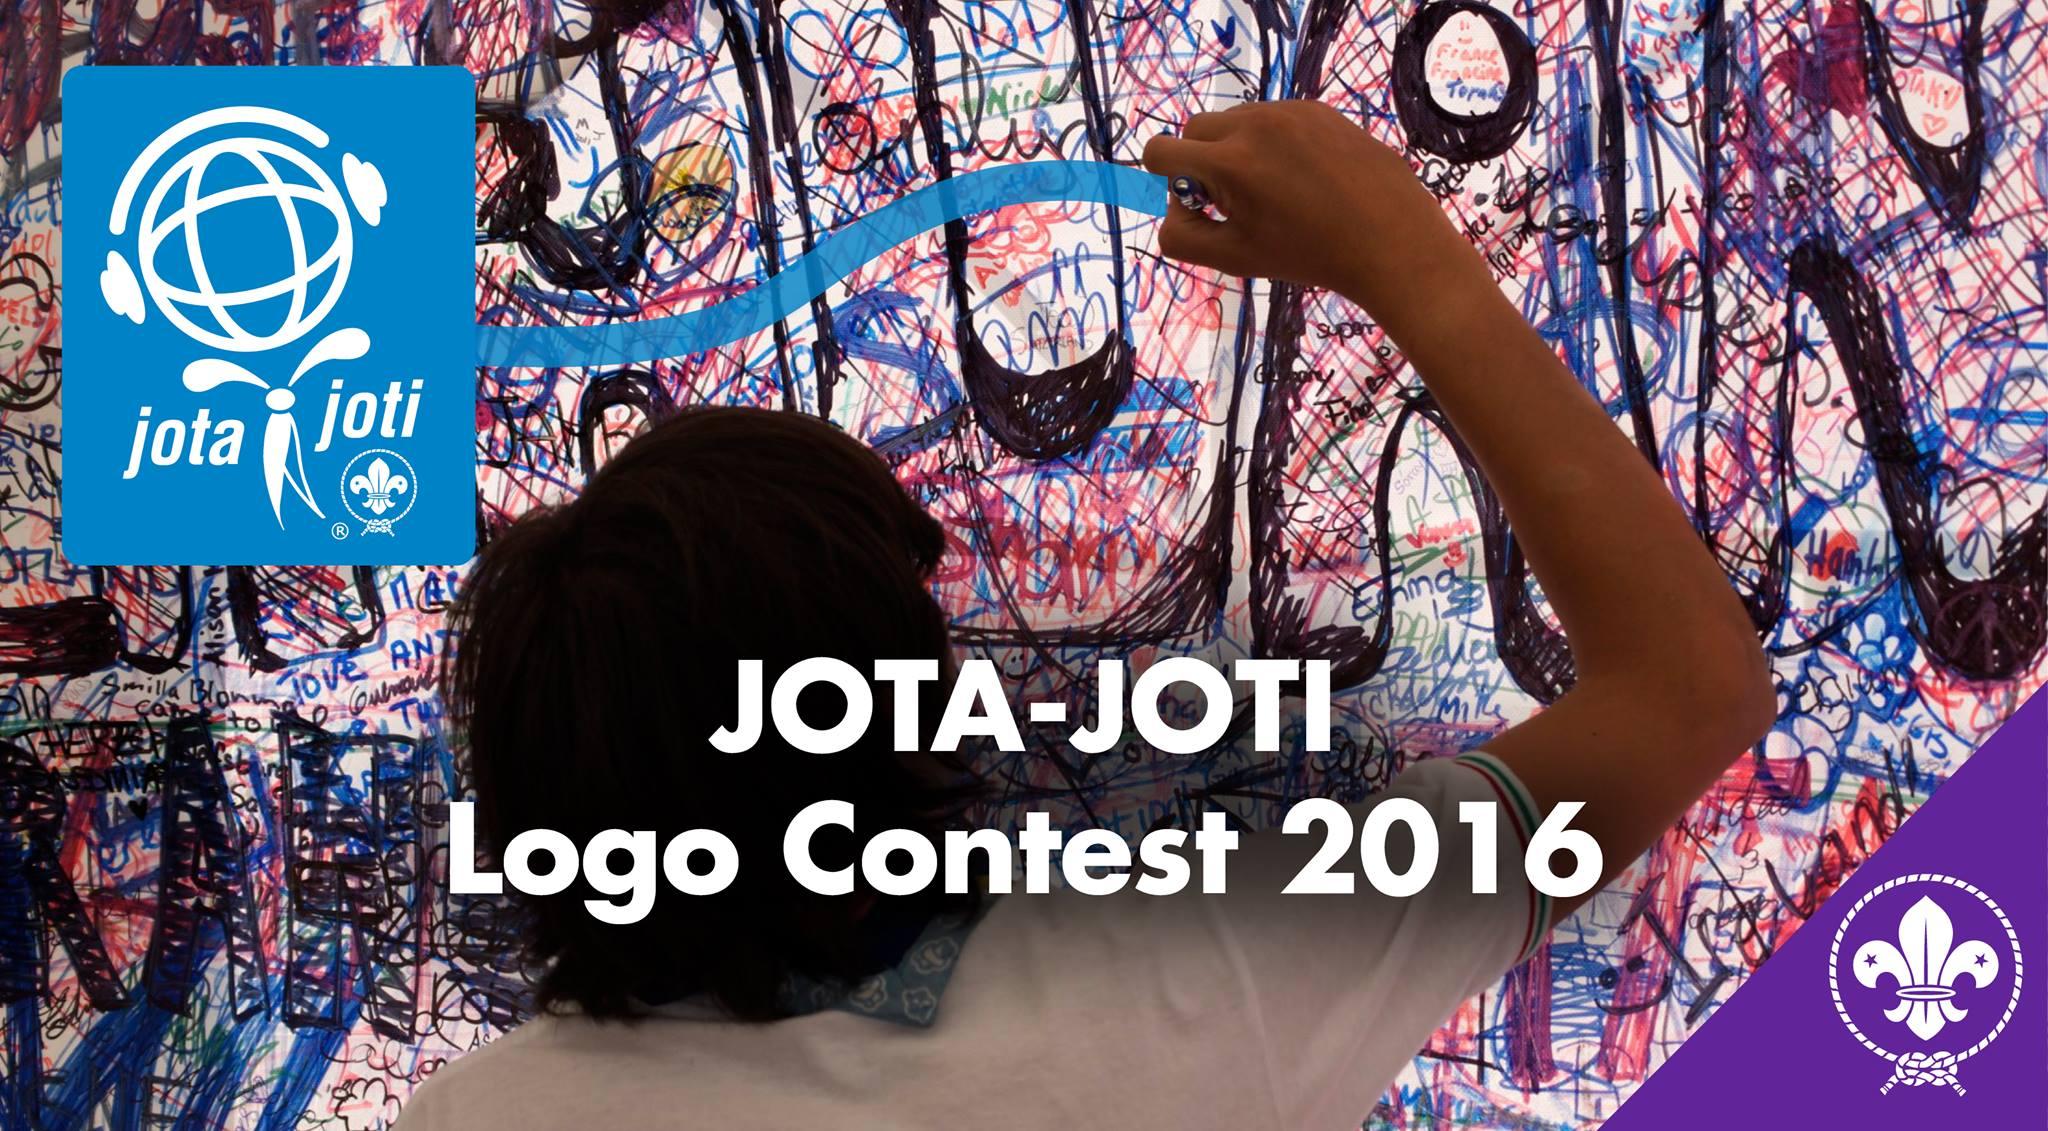 Seid der nächste Gewinner des JOTA-JOTI Logo-Wettbewerbs!